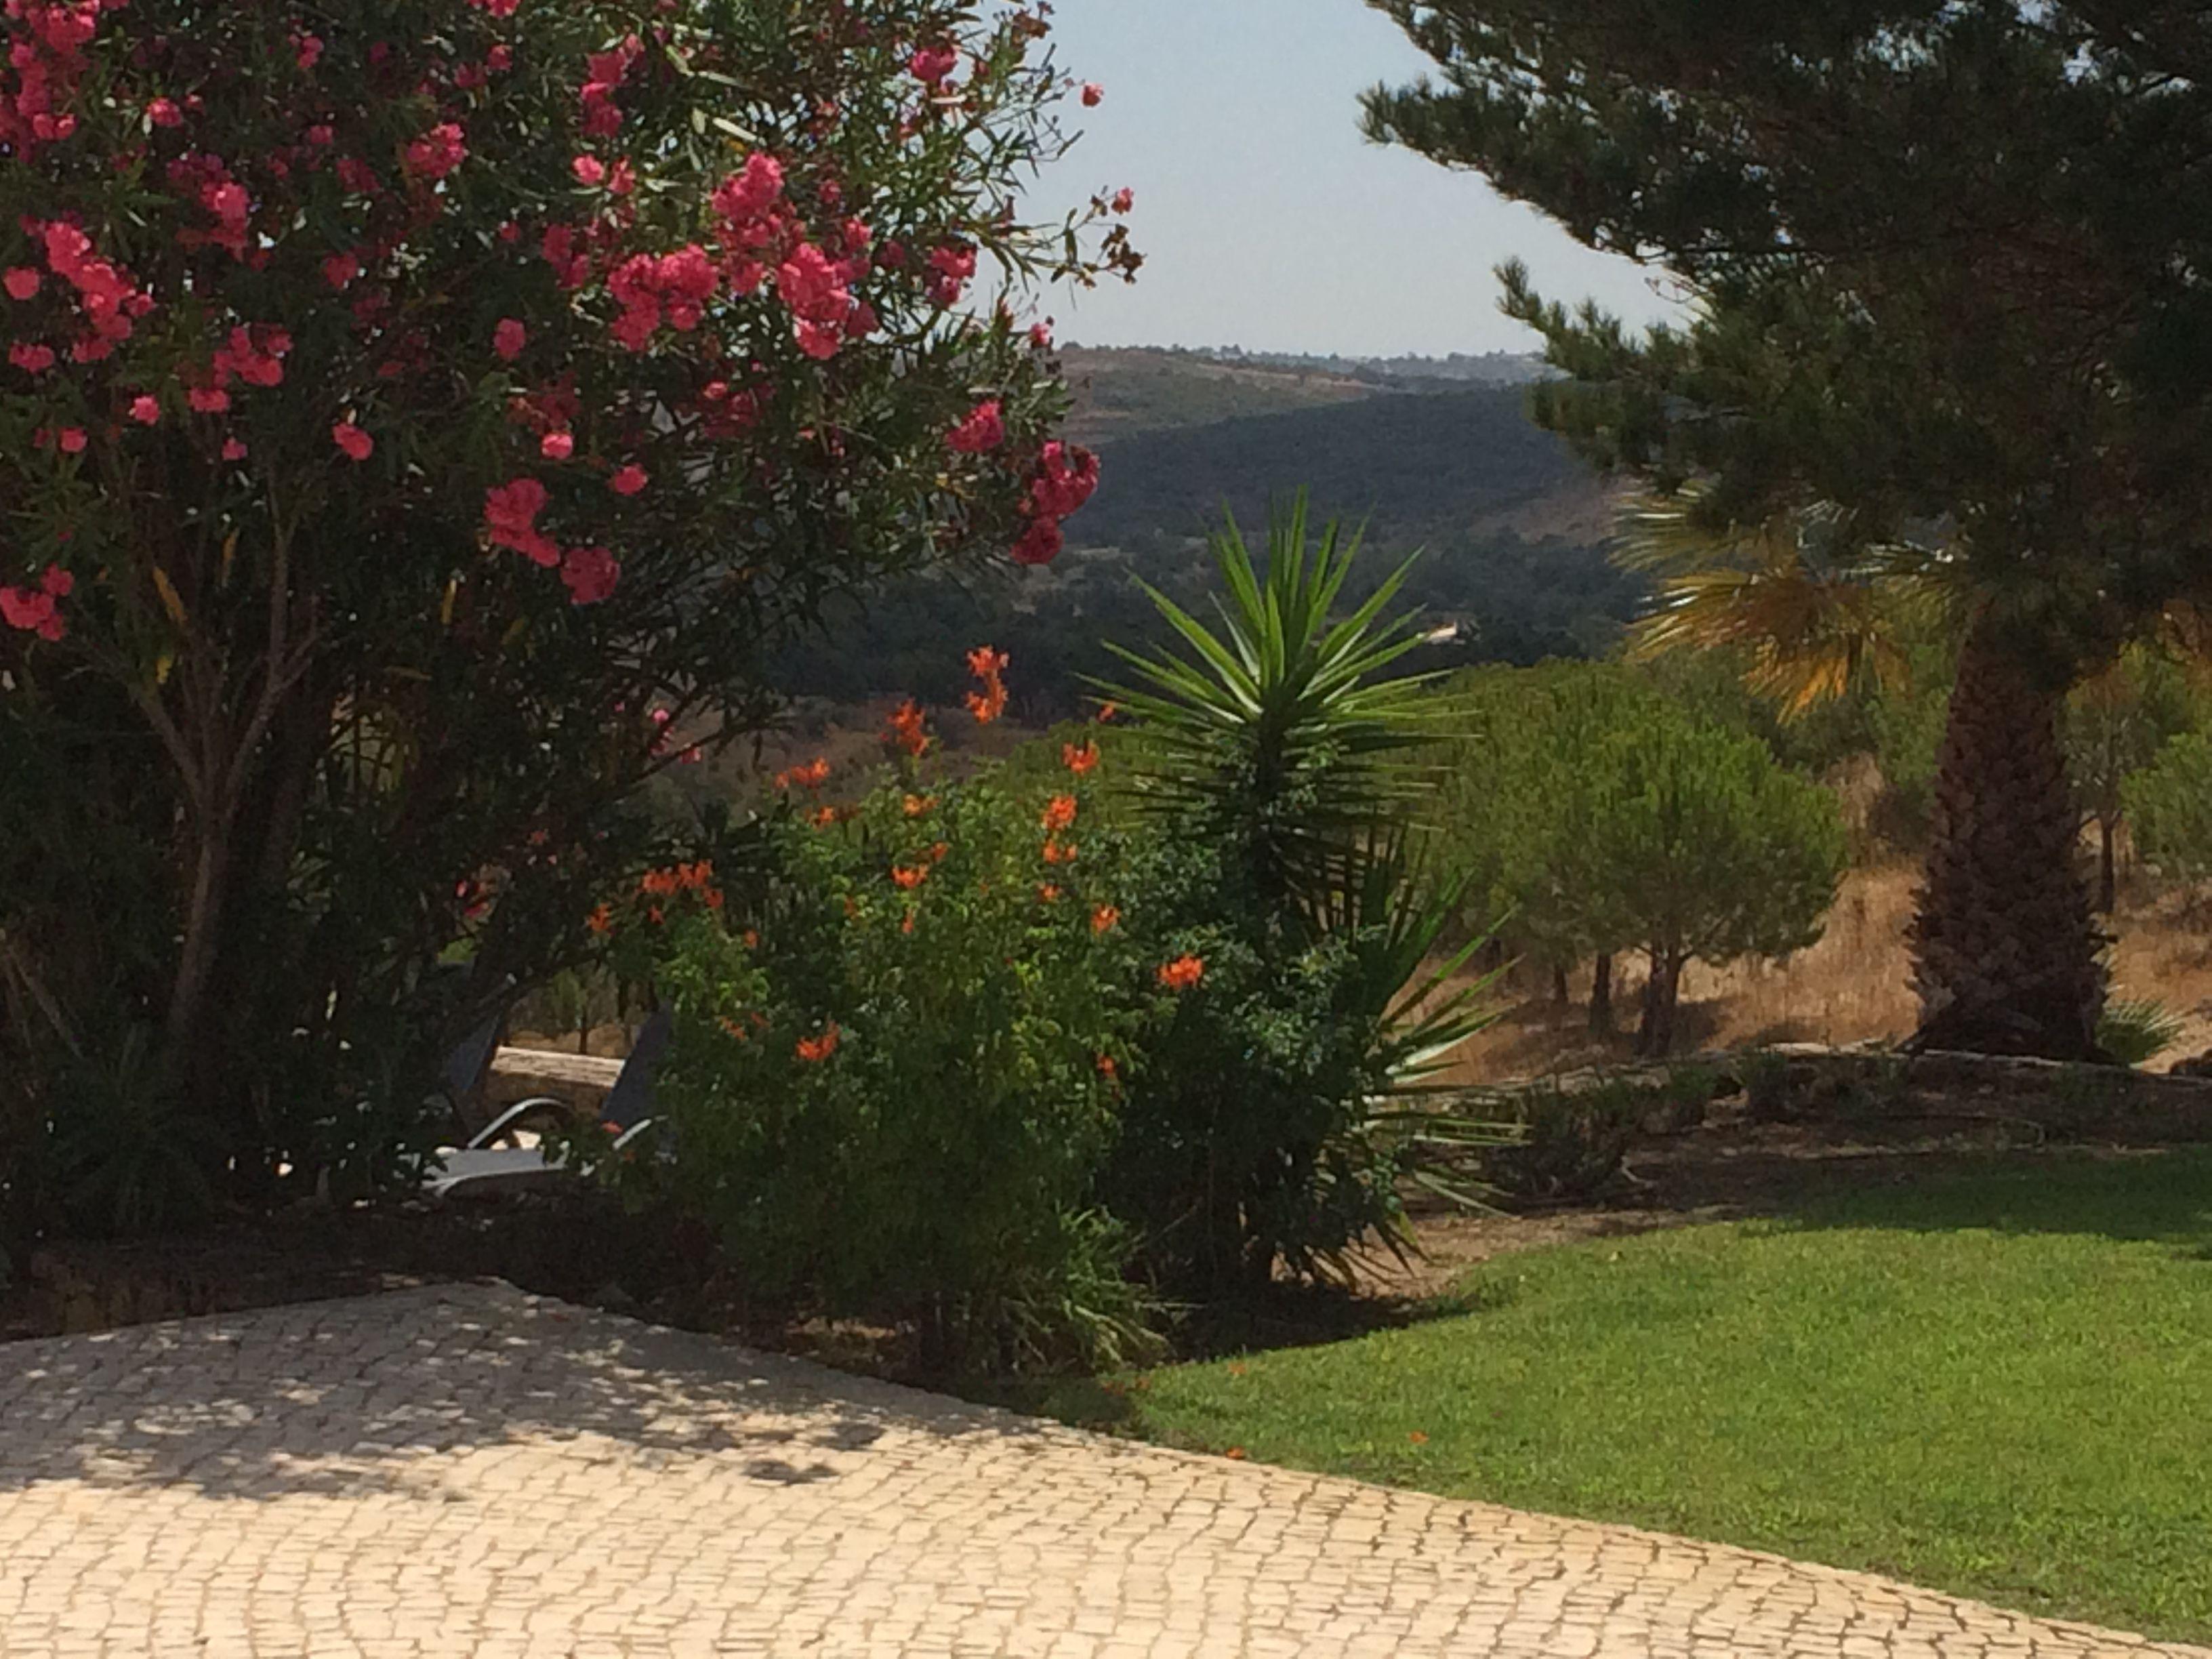 vakantie huis algarve met veel privacy, zwembad